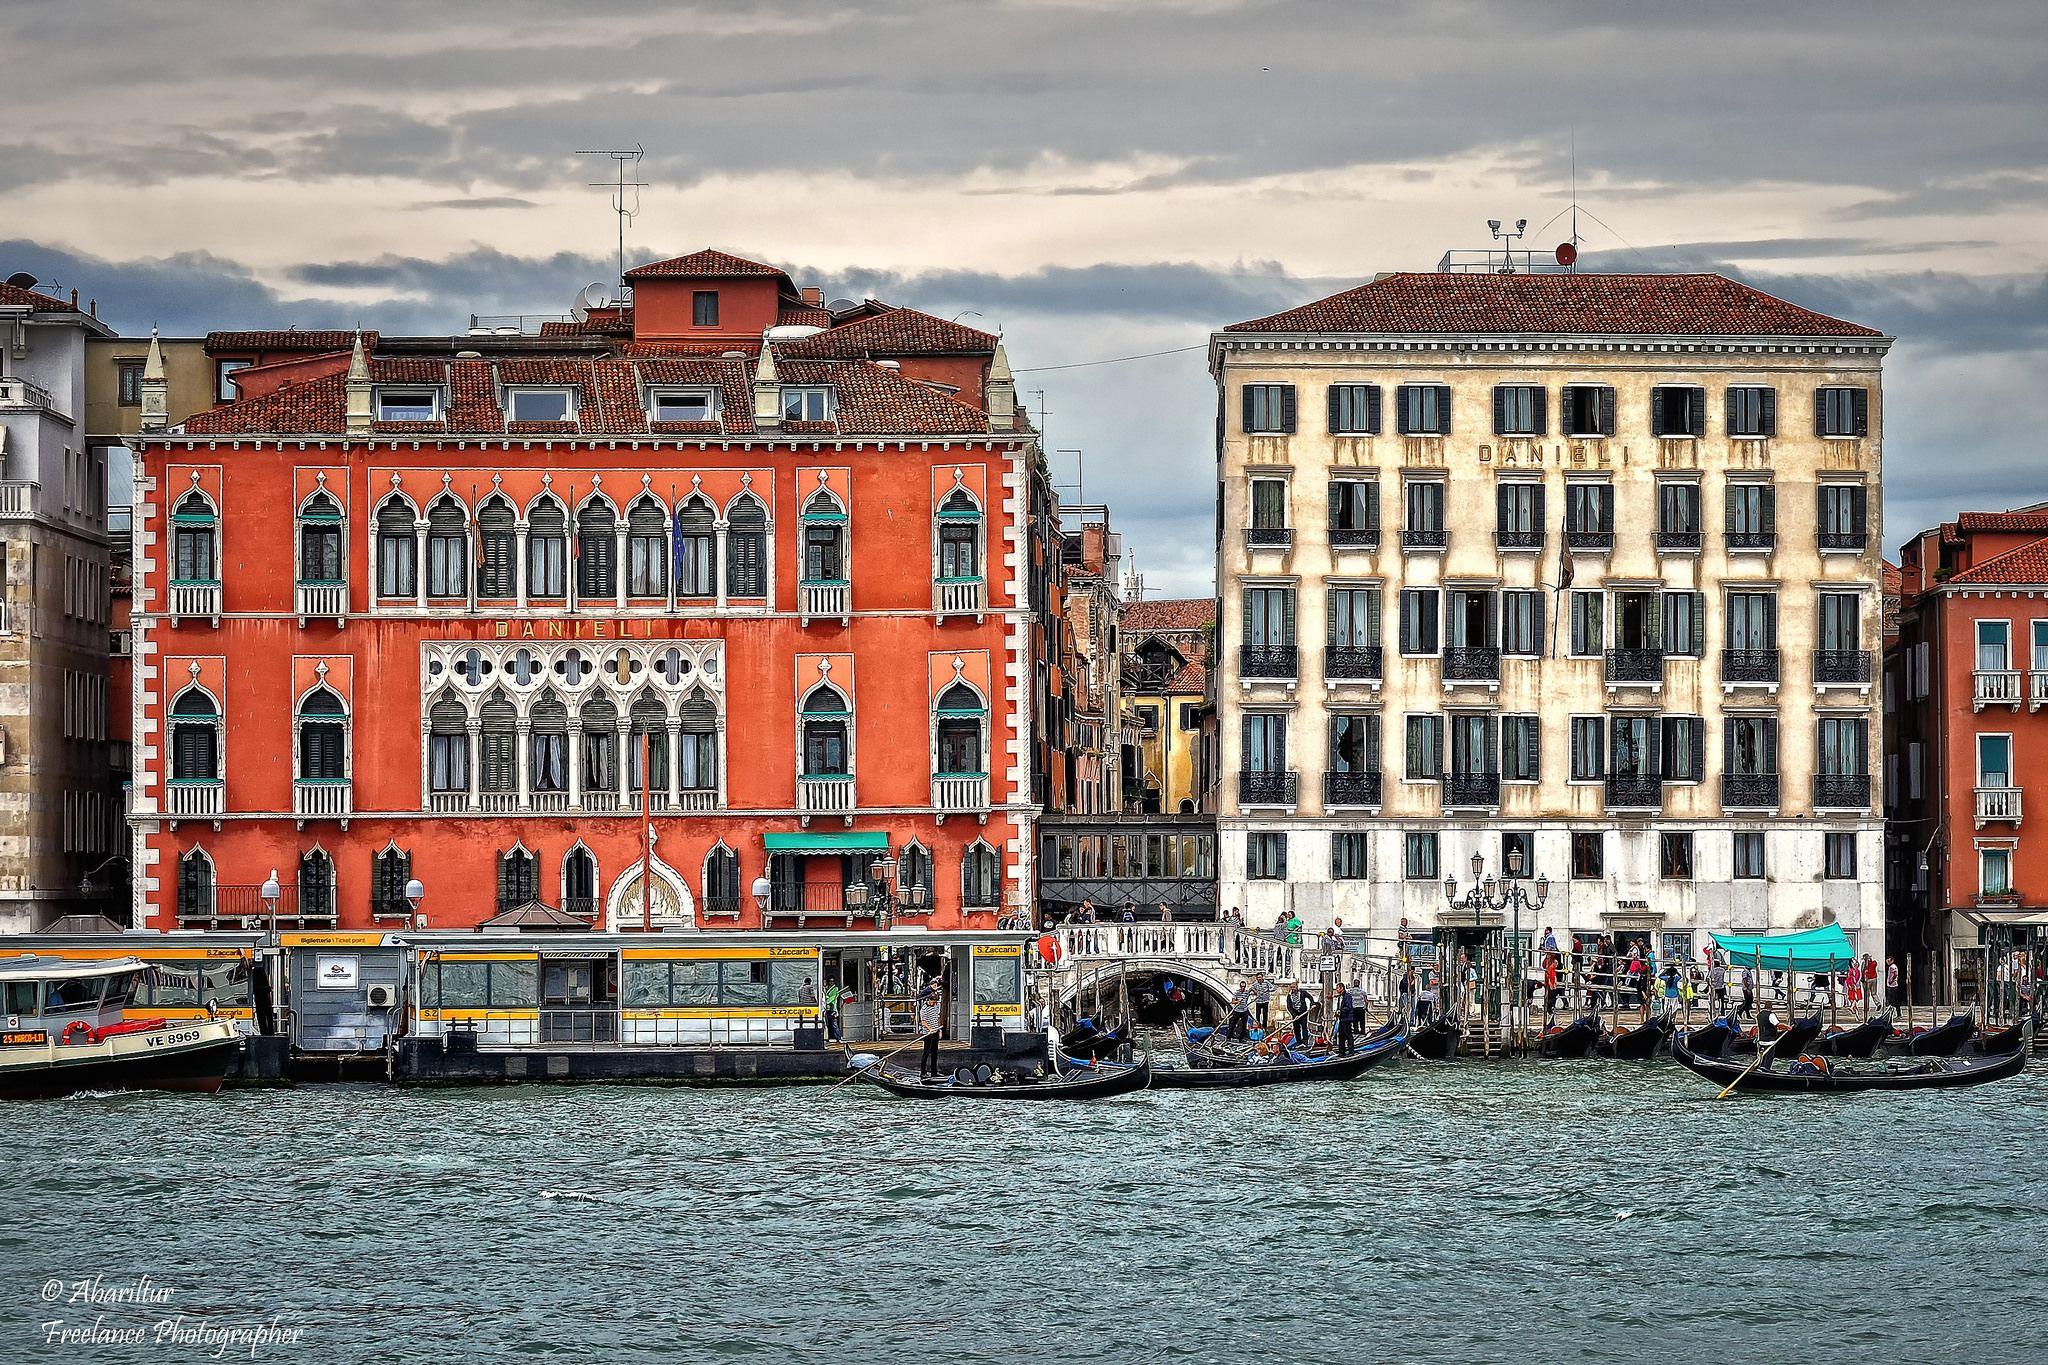 Hotel Danieli Palazzo Dandolo Venezia En 2019 Venecia Y